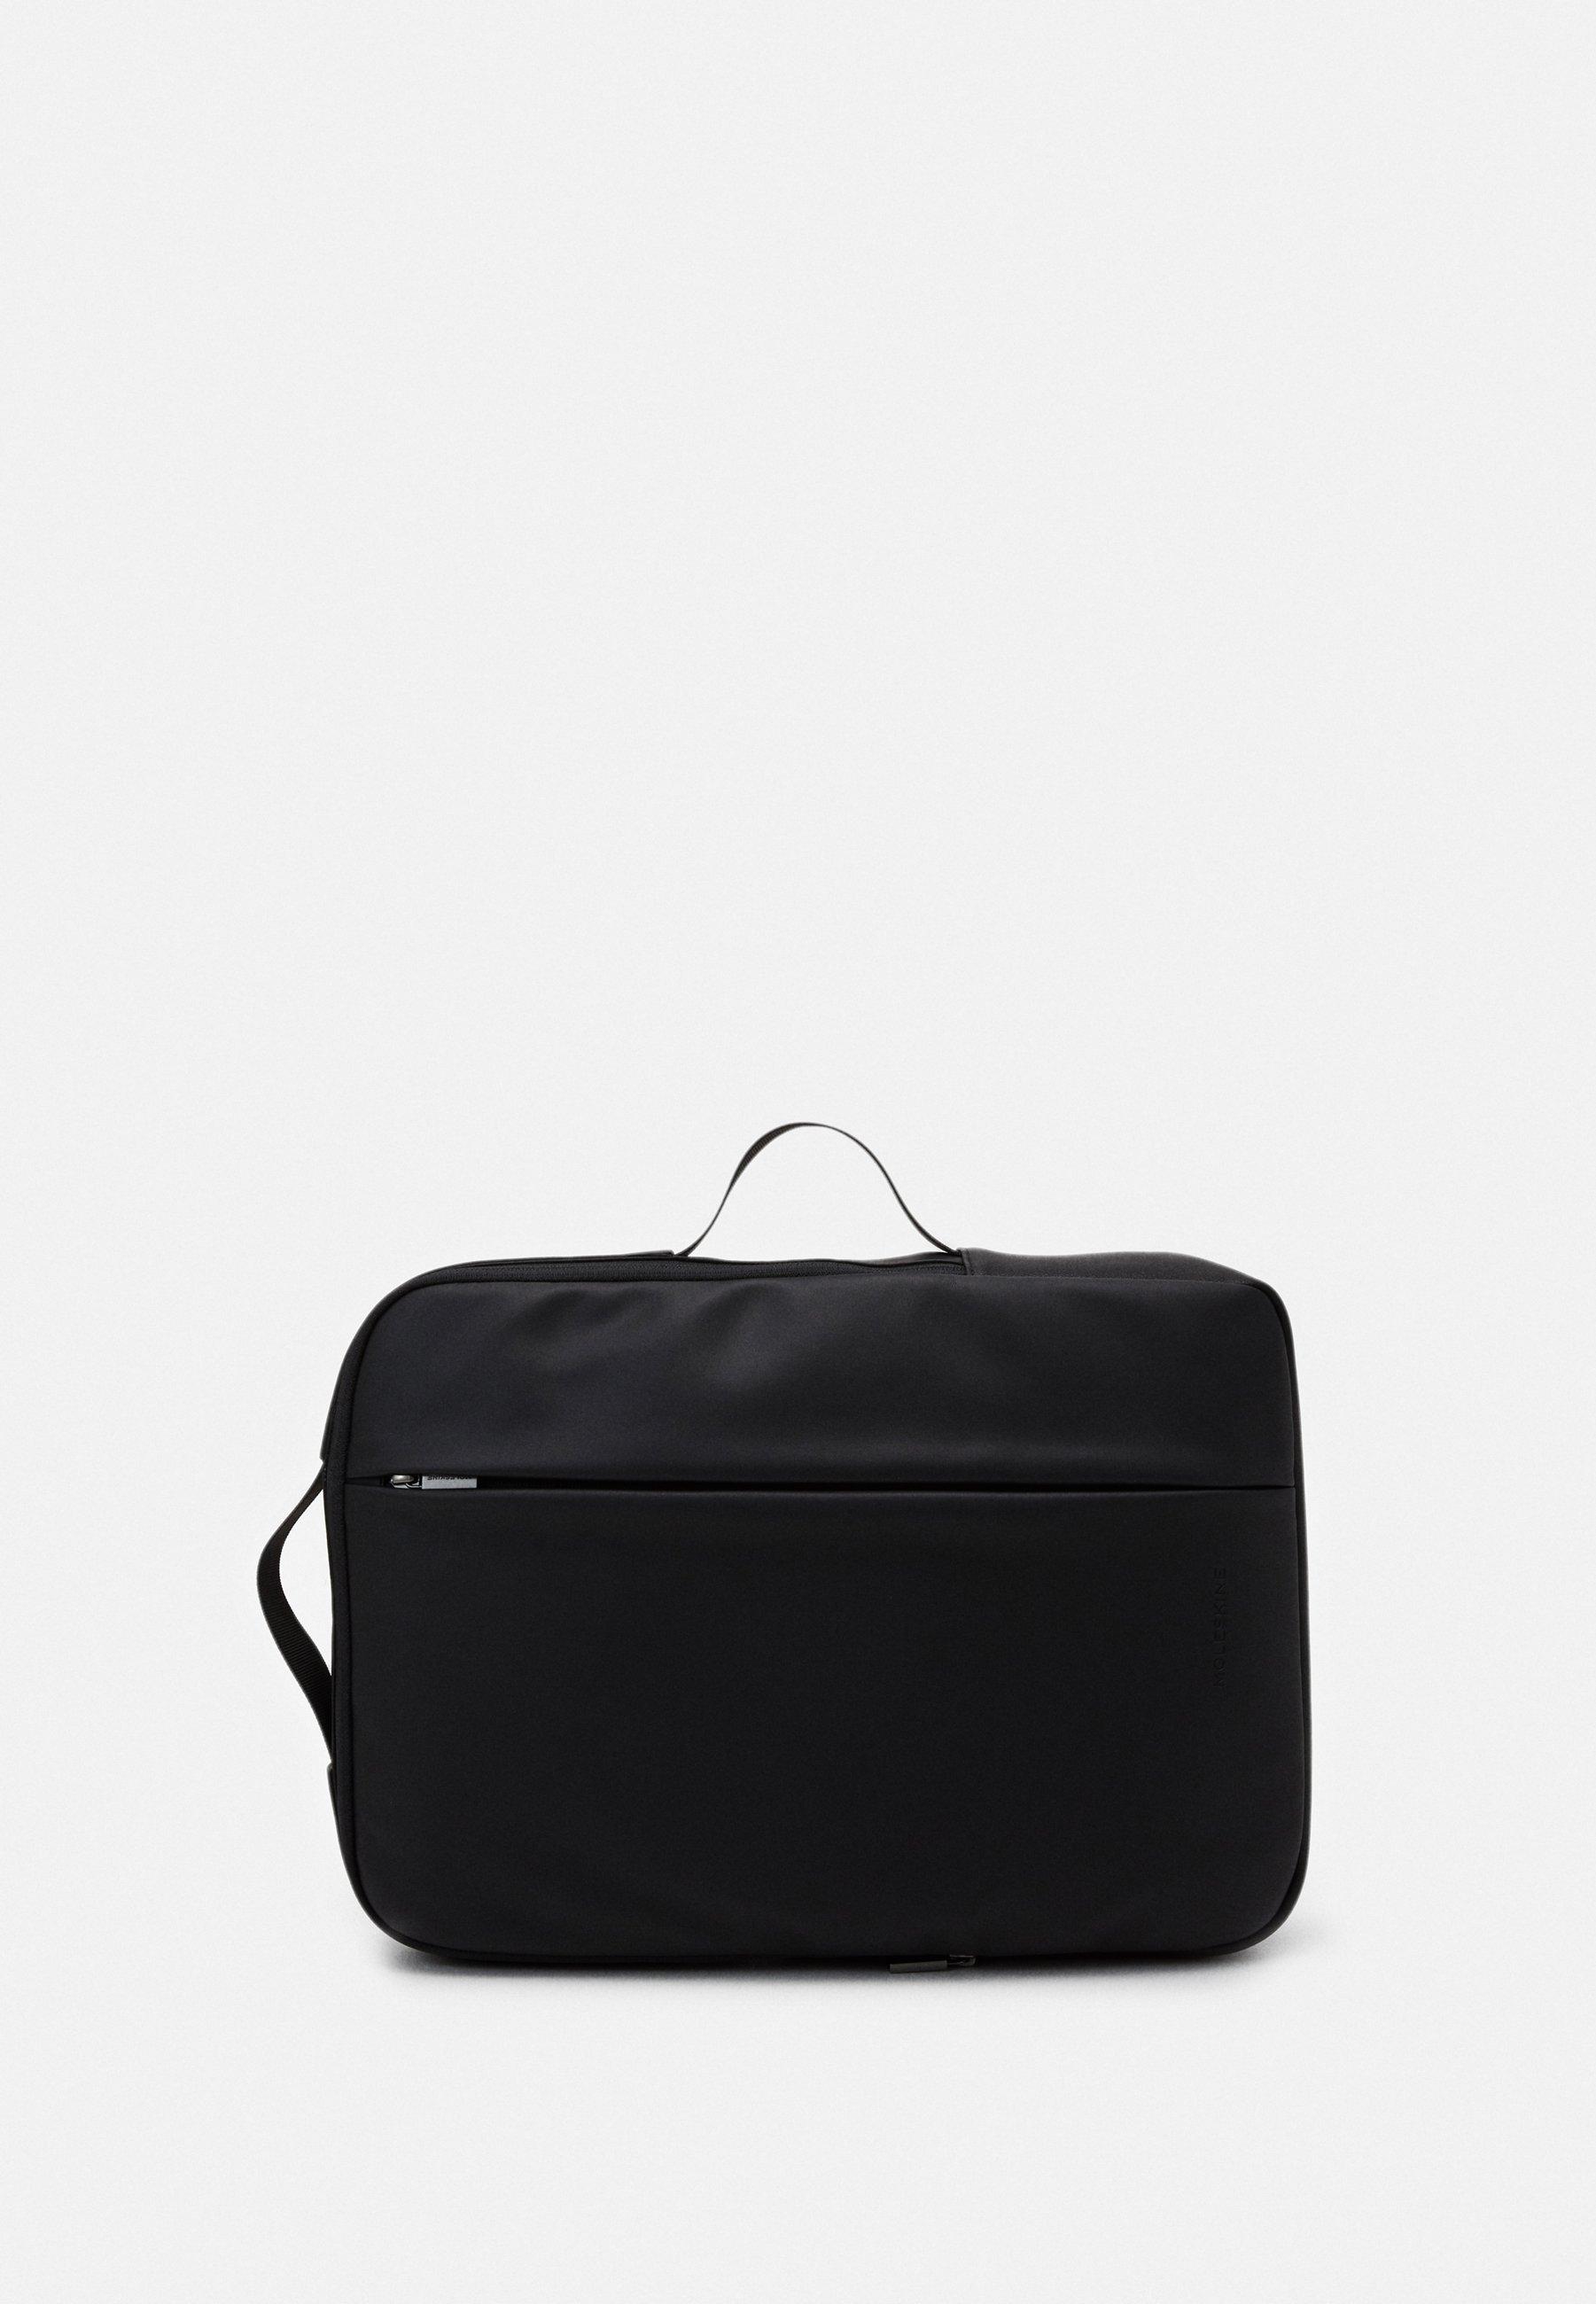 Moleskine CLASSIC PRO DEVICE BAG VERT - Tagesrucksack - black/schwarz - Herrentaschen dpMkf